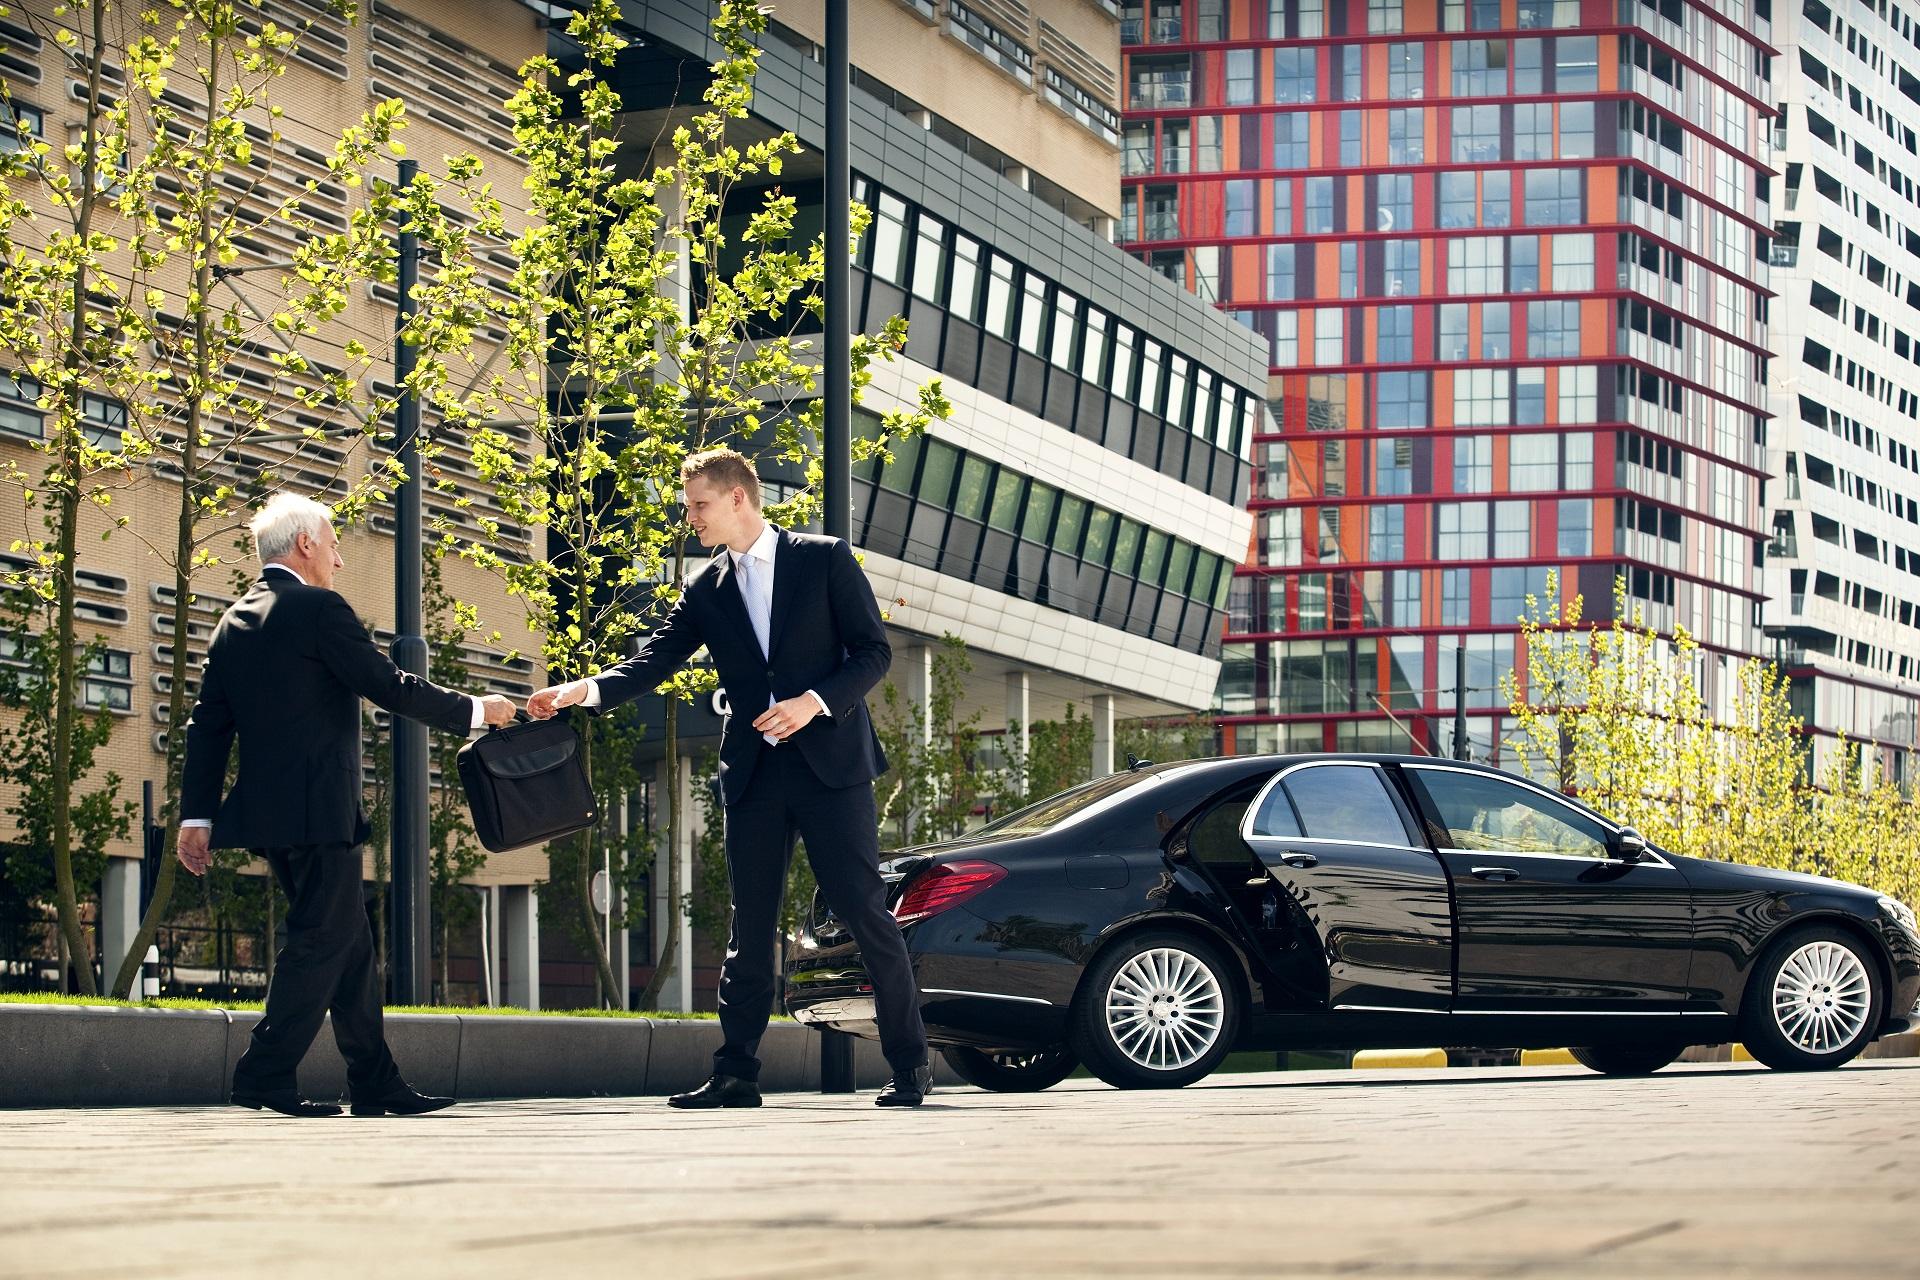 Mobiel Kantoor Huren : Auto met chauffeur huren bouwens chauffeursdiensten bouwens&